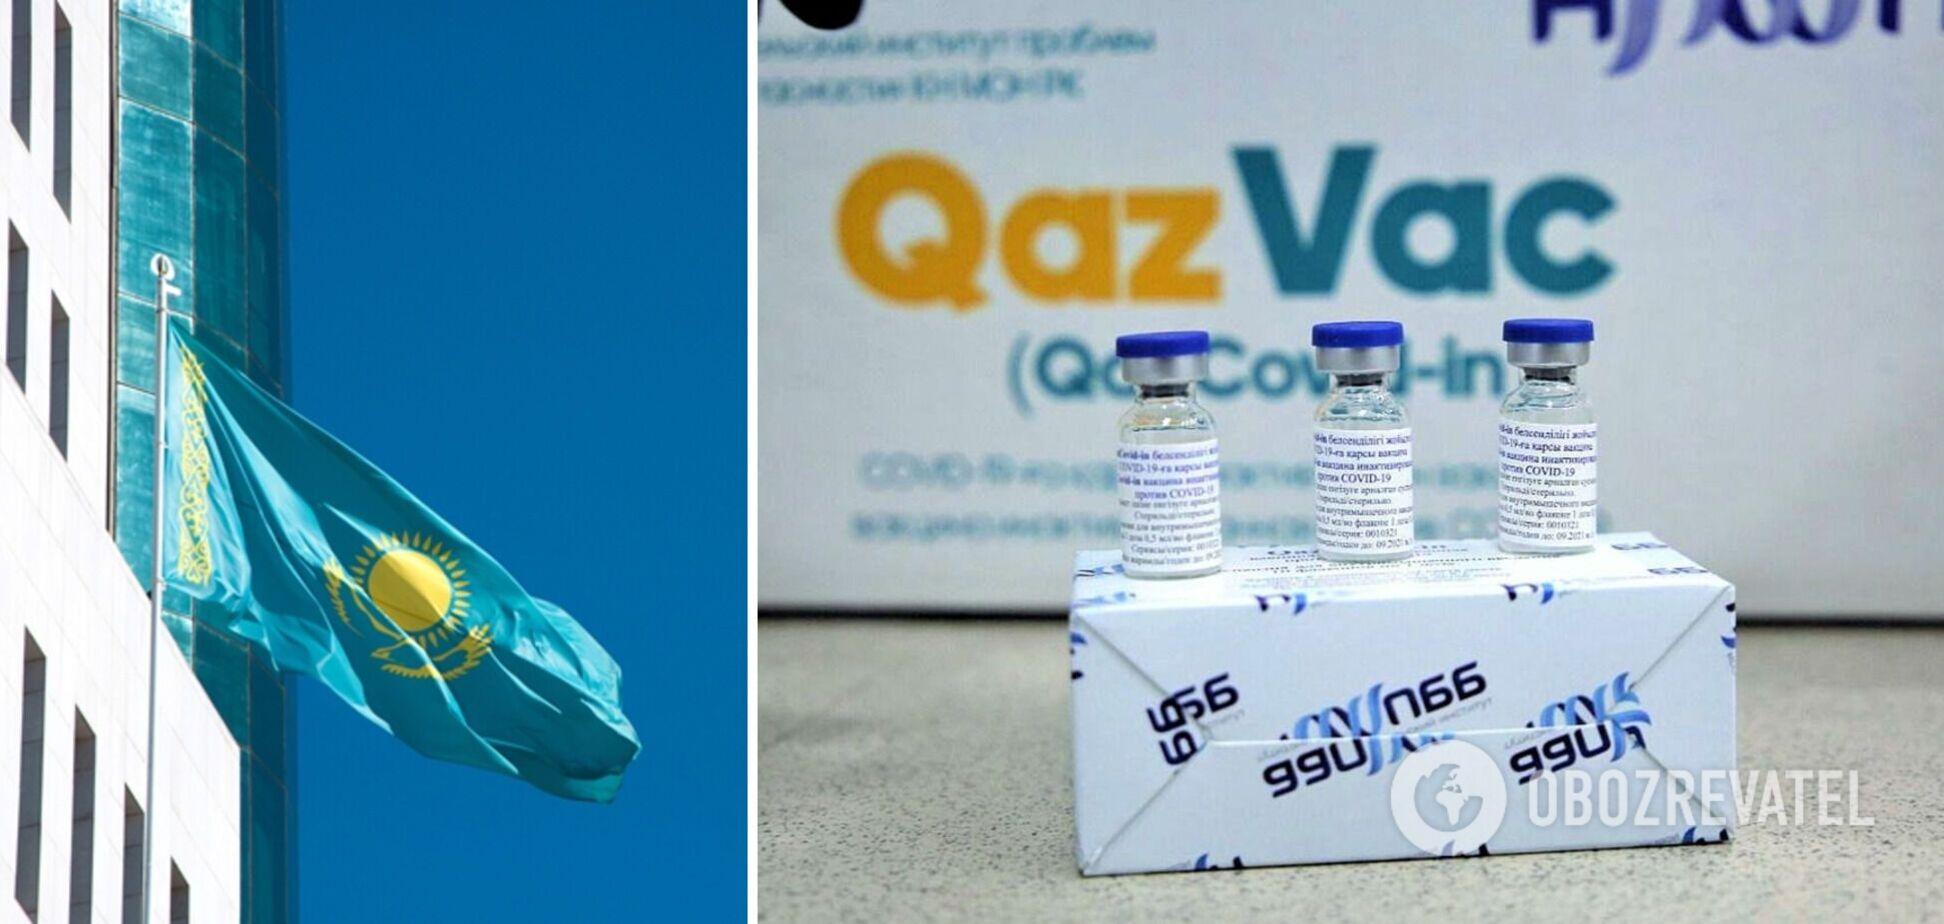 Казахстан розробив власну вакцину QazVac і почав робити нею щеплення від COVID-19